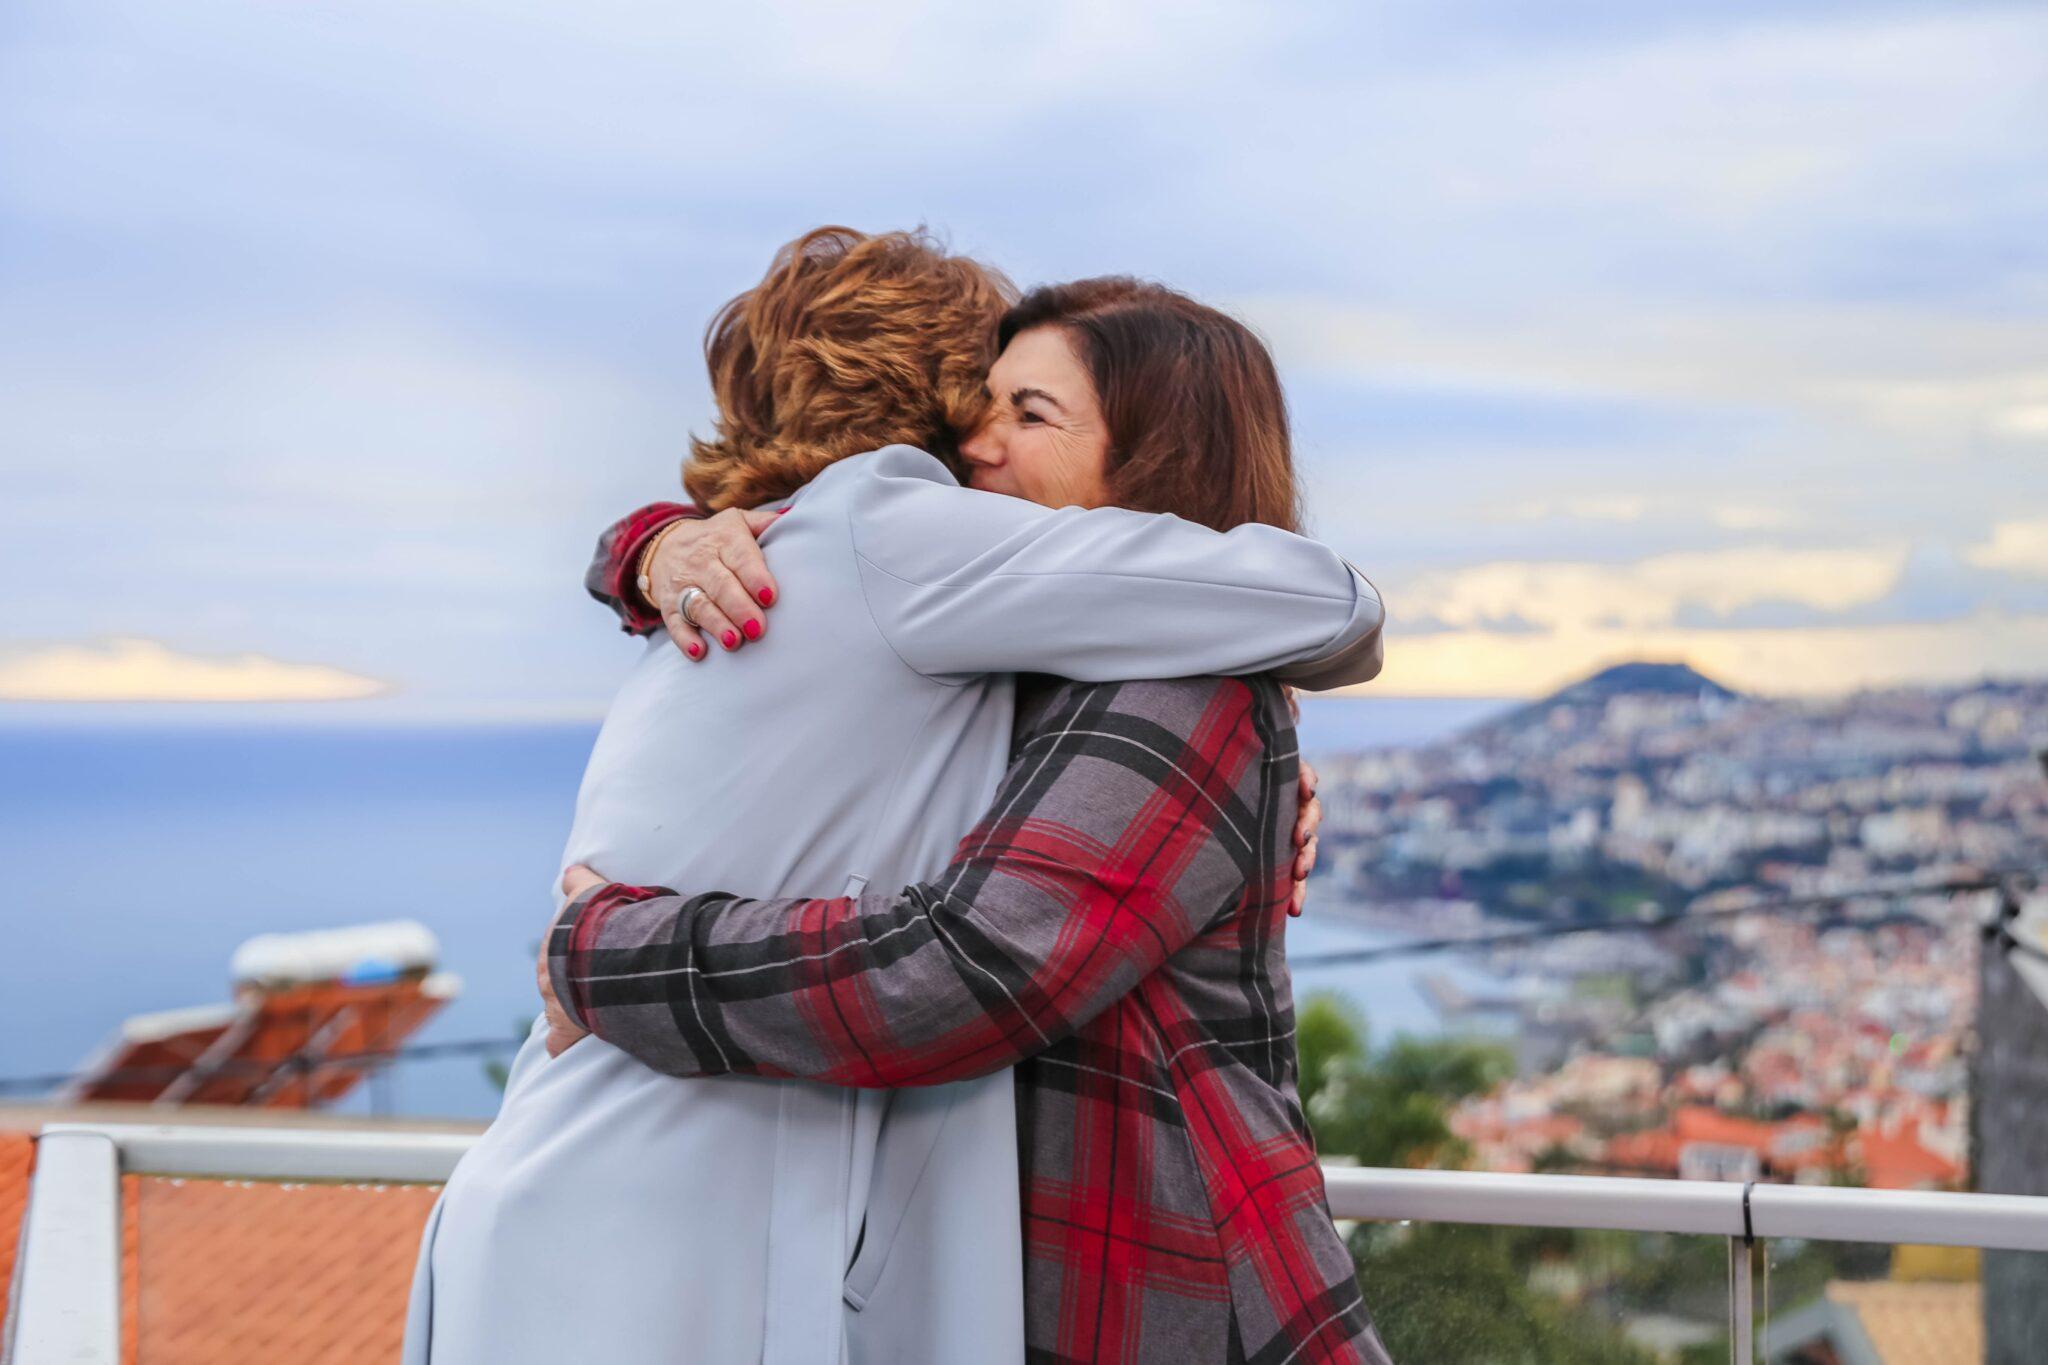 Dolores Aveiro Barbara Guimaraes 8 Scaled Lágrimas! Dolores Aveiro E Bárbara Guimarães Em '24 De Horas De Vida' Emocionante